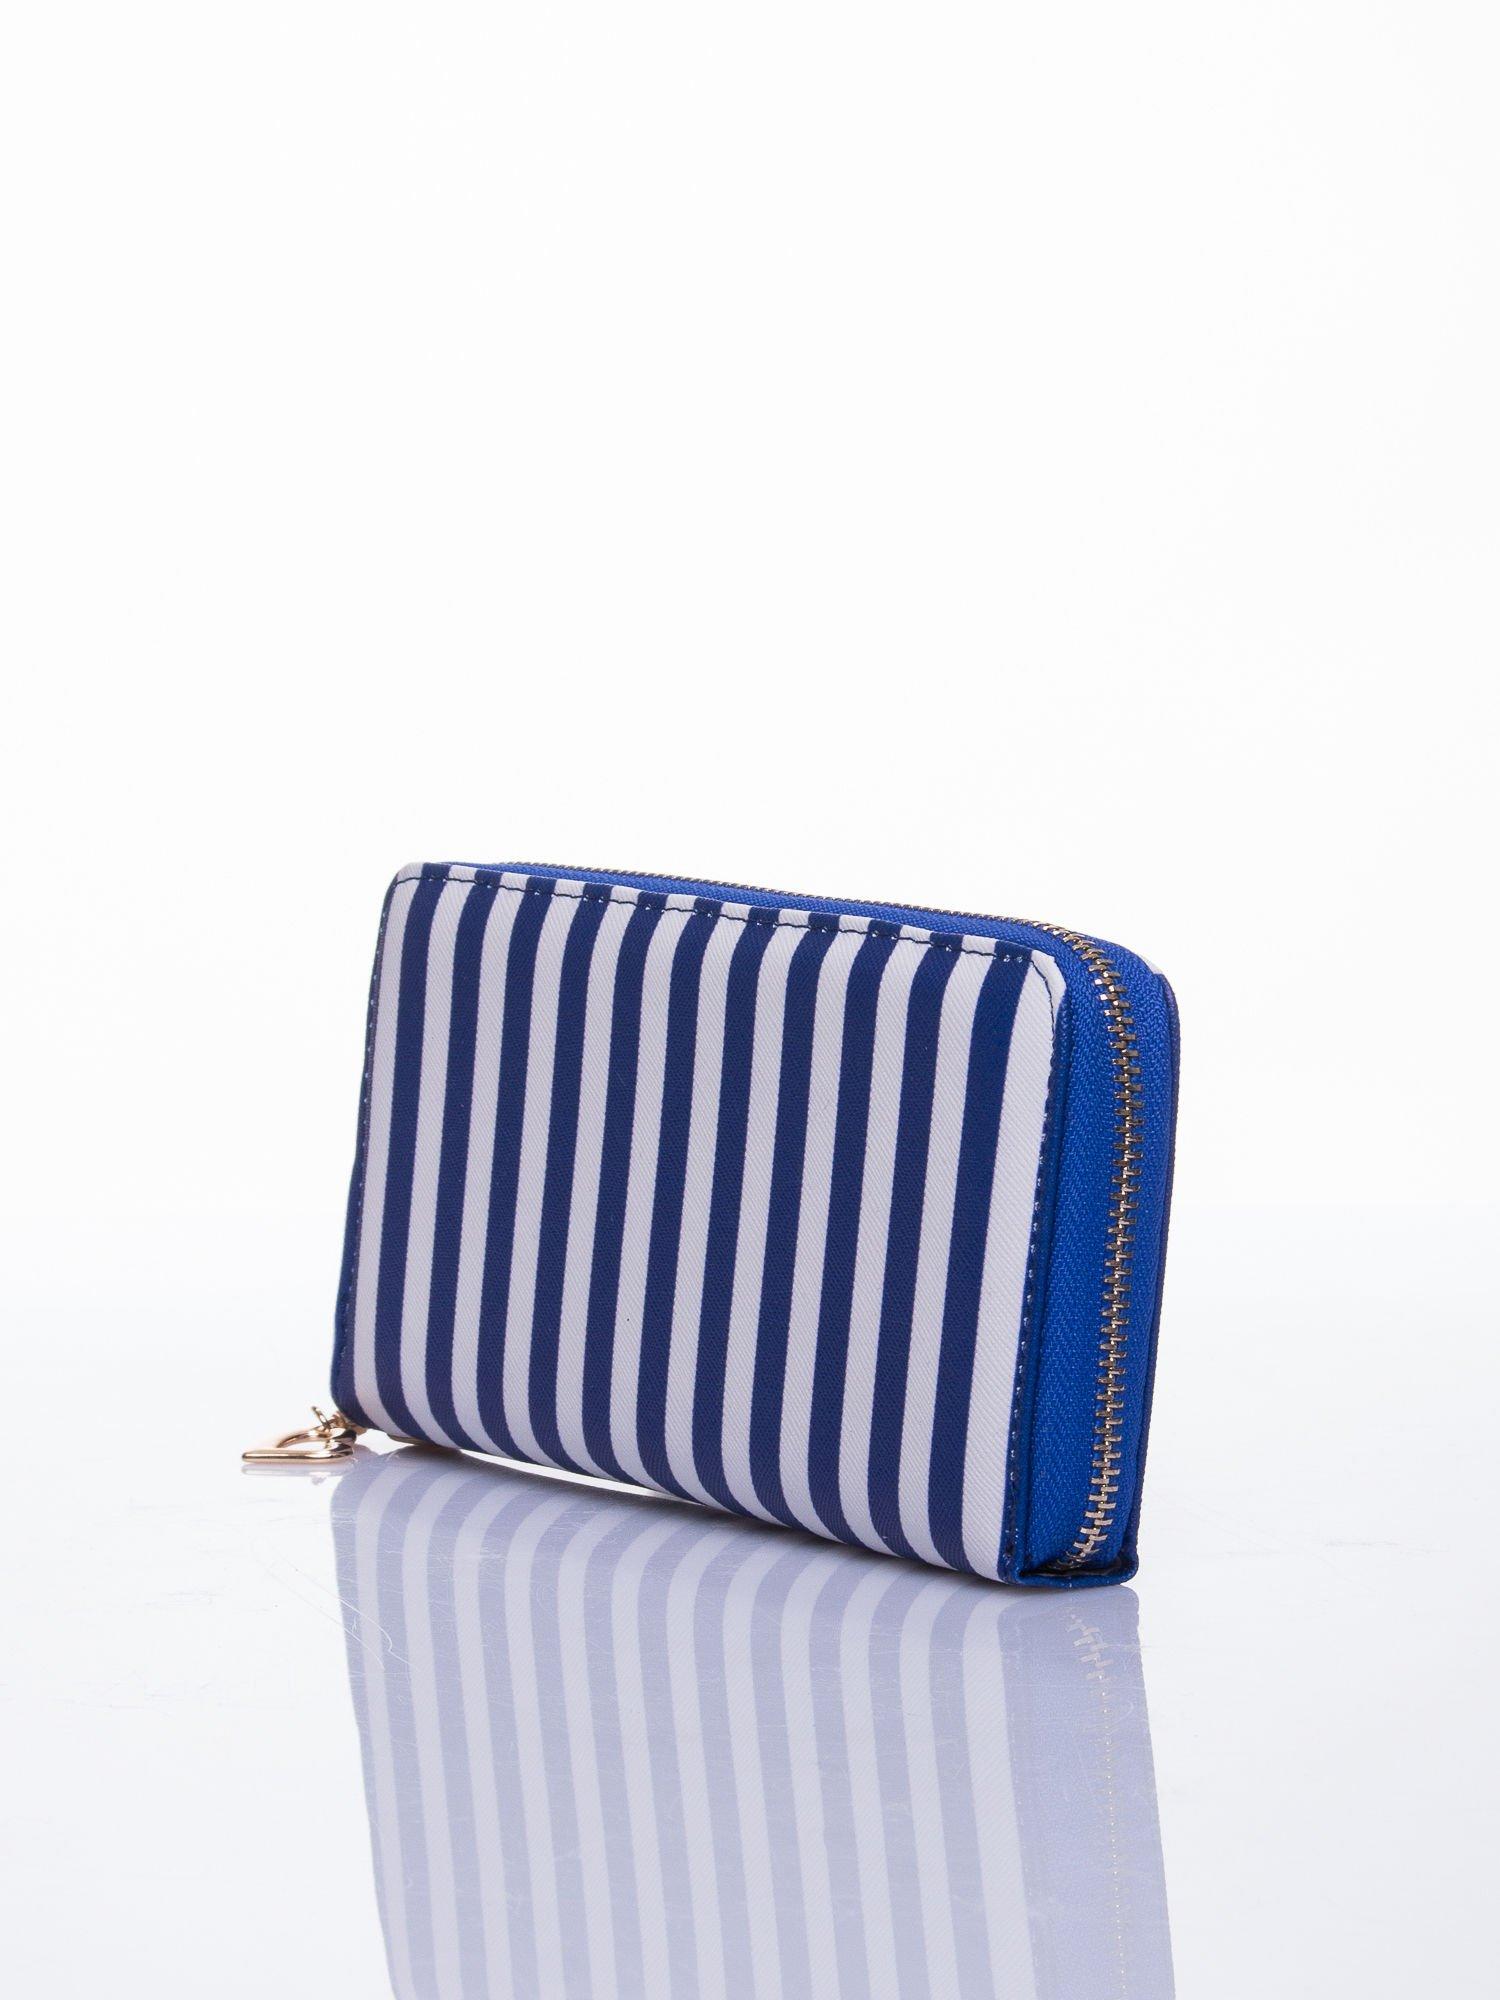 Niebieski portfel w paski z uchwytem                                  zdj.                                  2